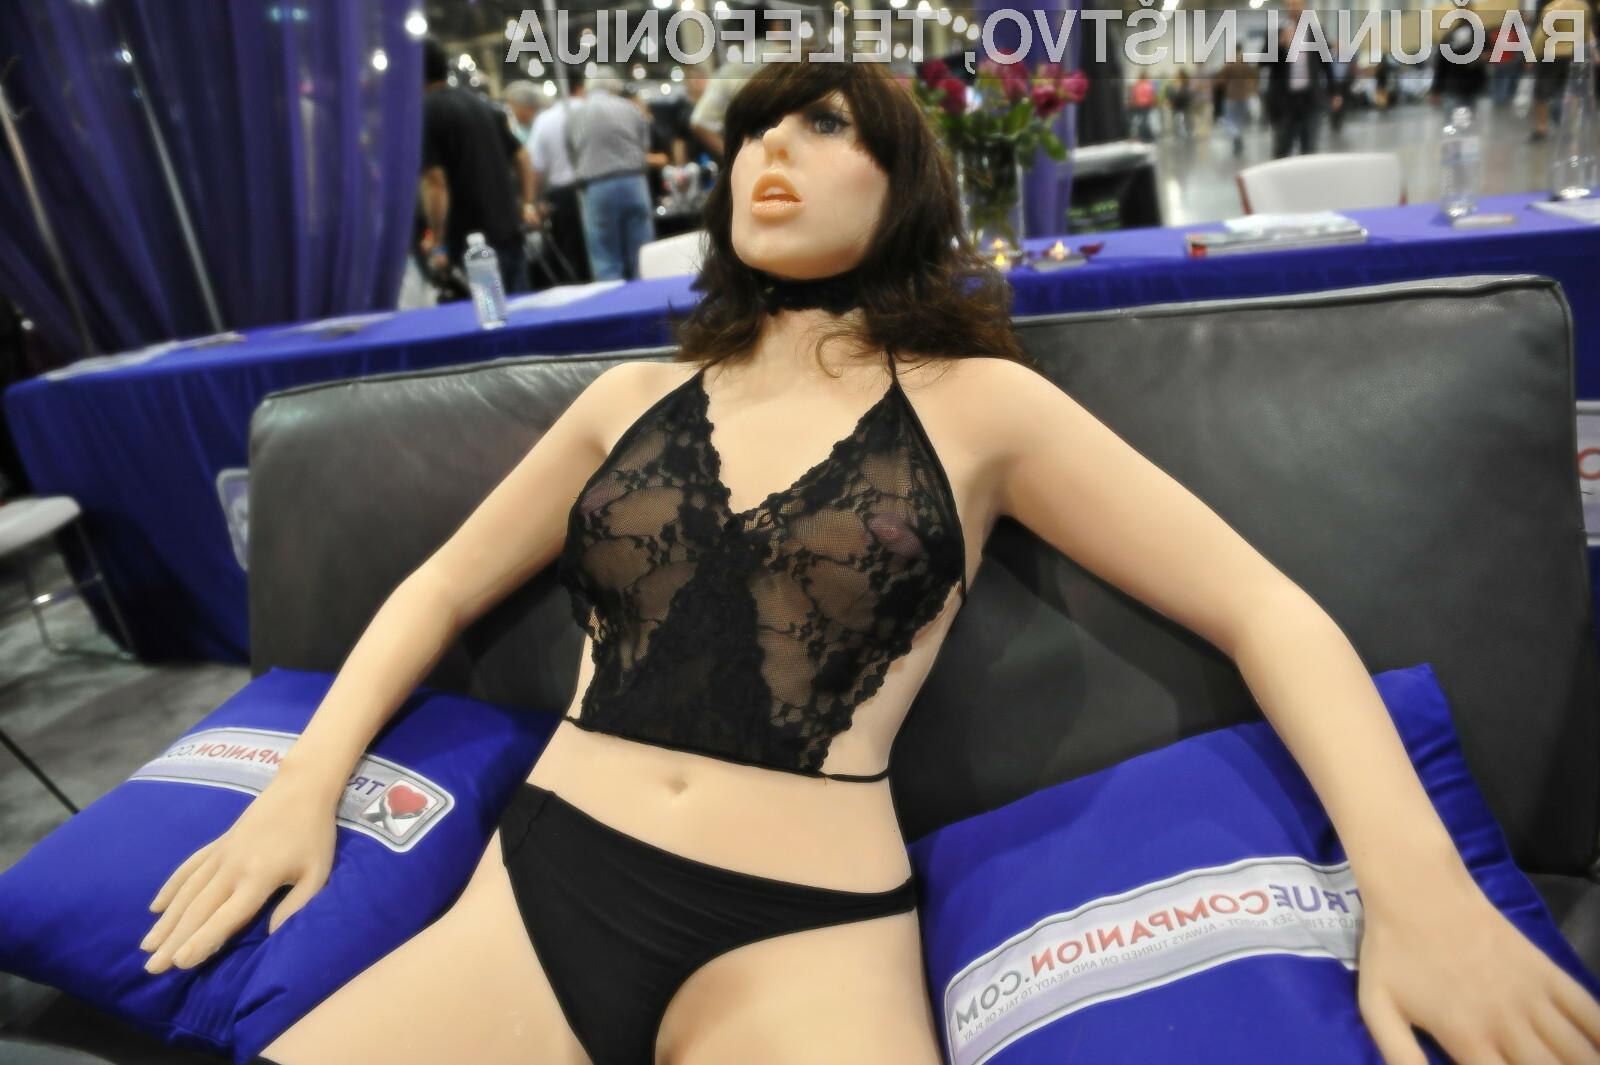 Brez ustrezne varnosti bi lahko robotske lutke celo ubile njihove lastnike.